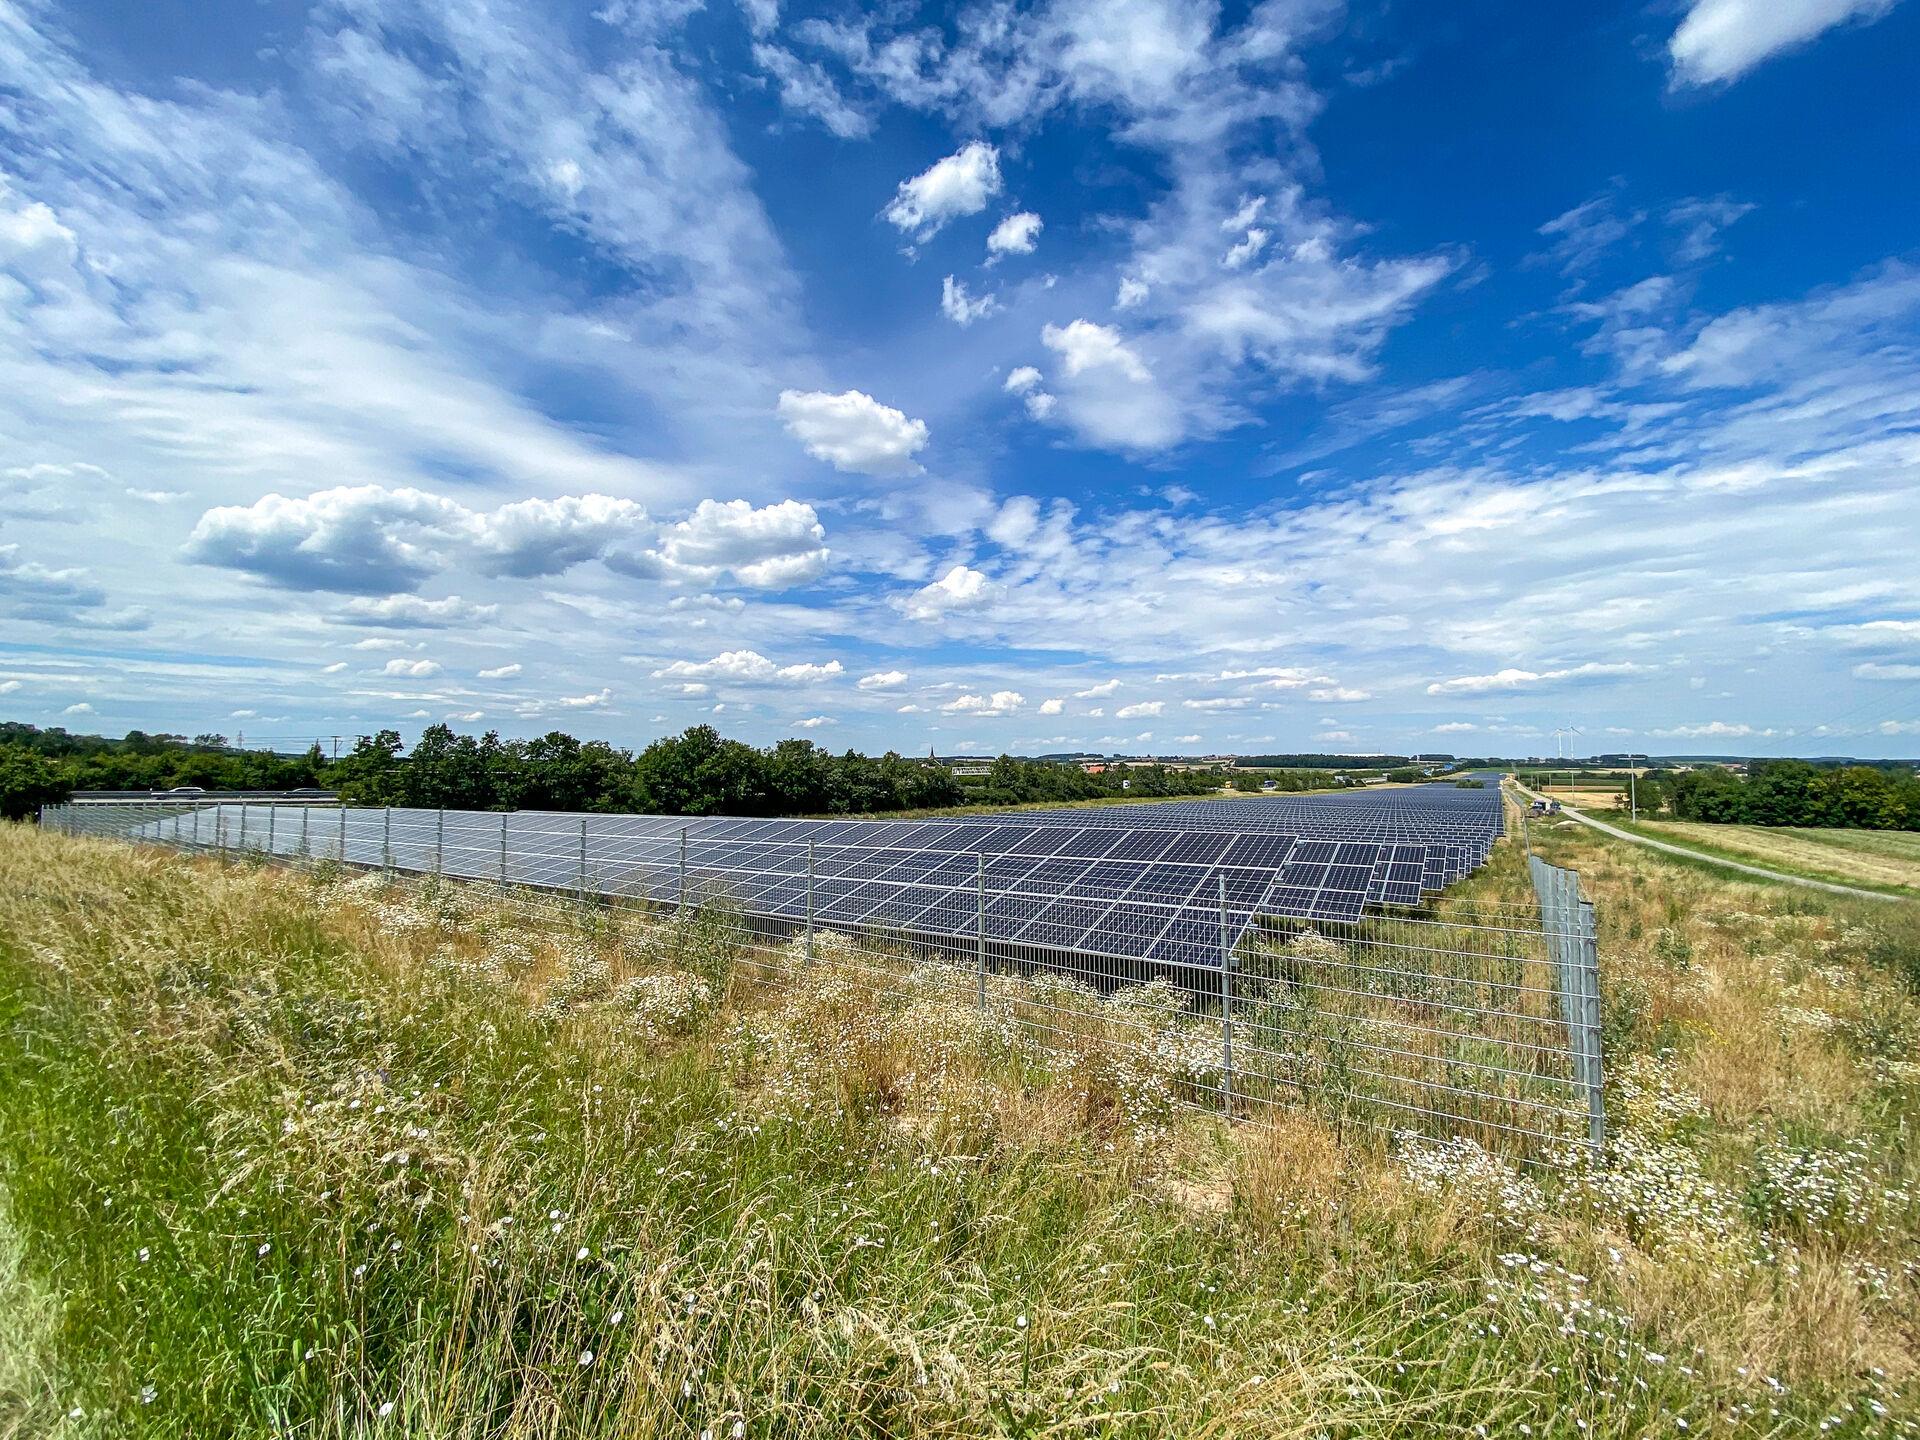 Freiflächen-Photovoltaikanlage Lay_Christoph Raithel_9062